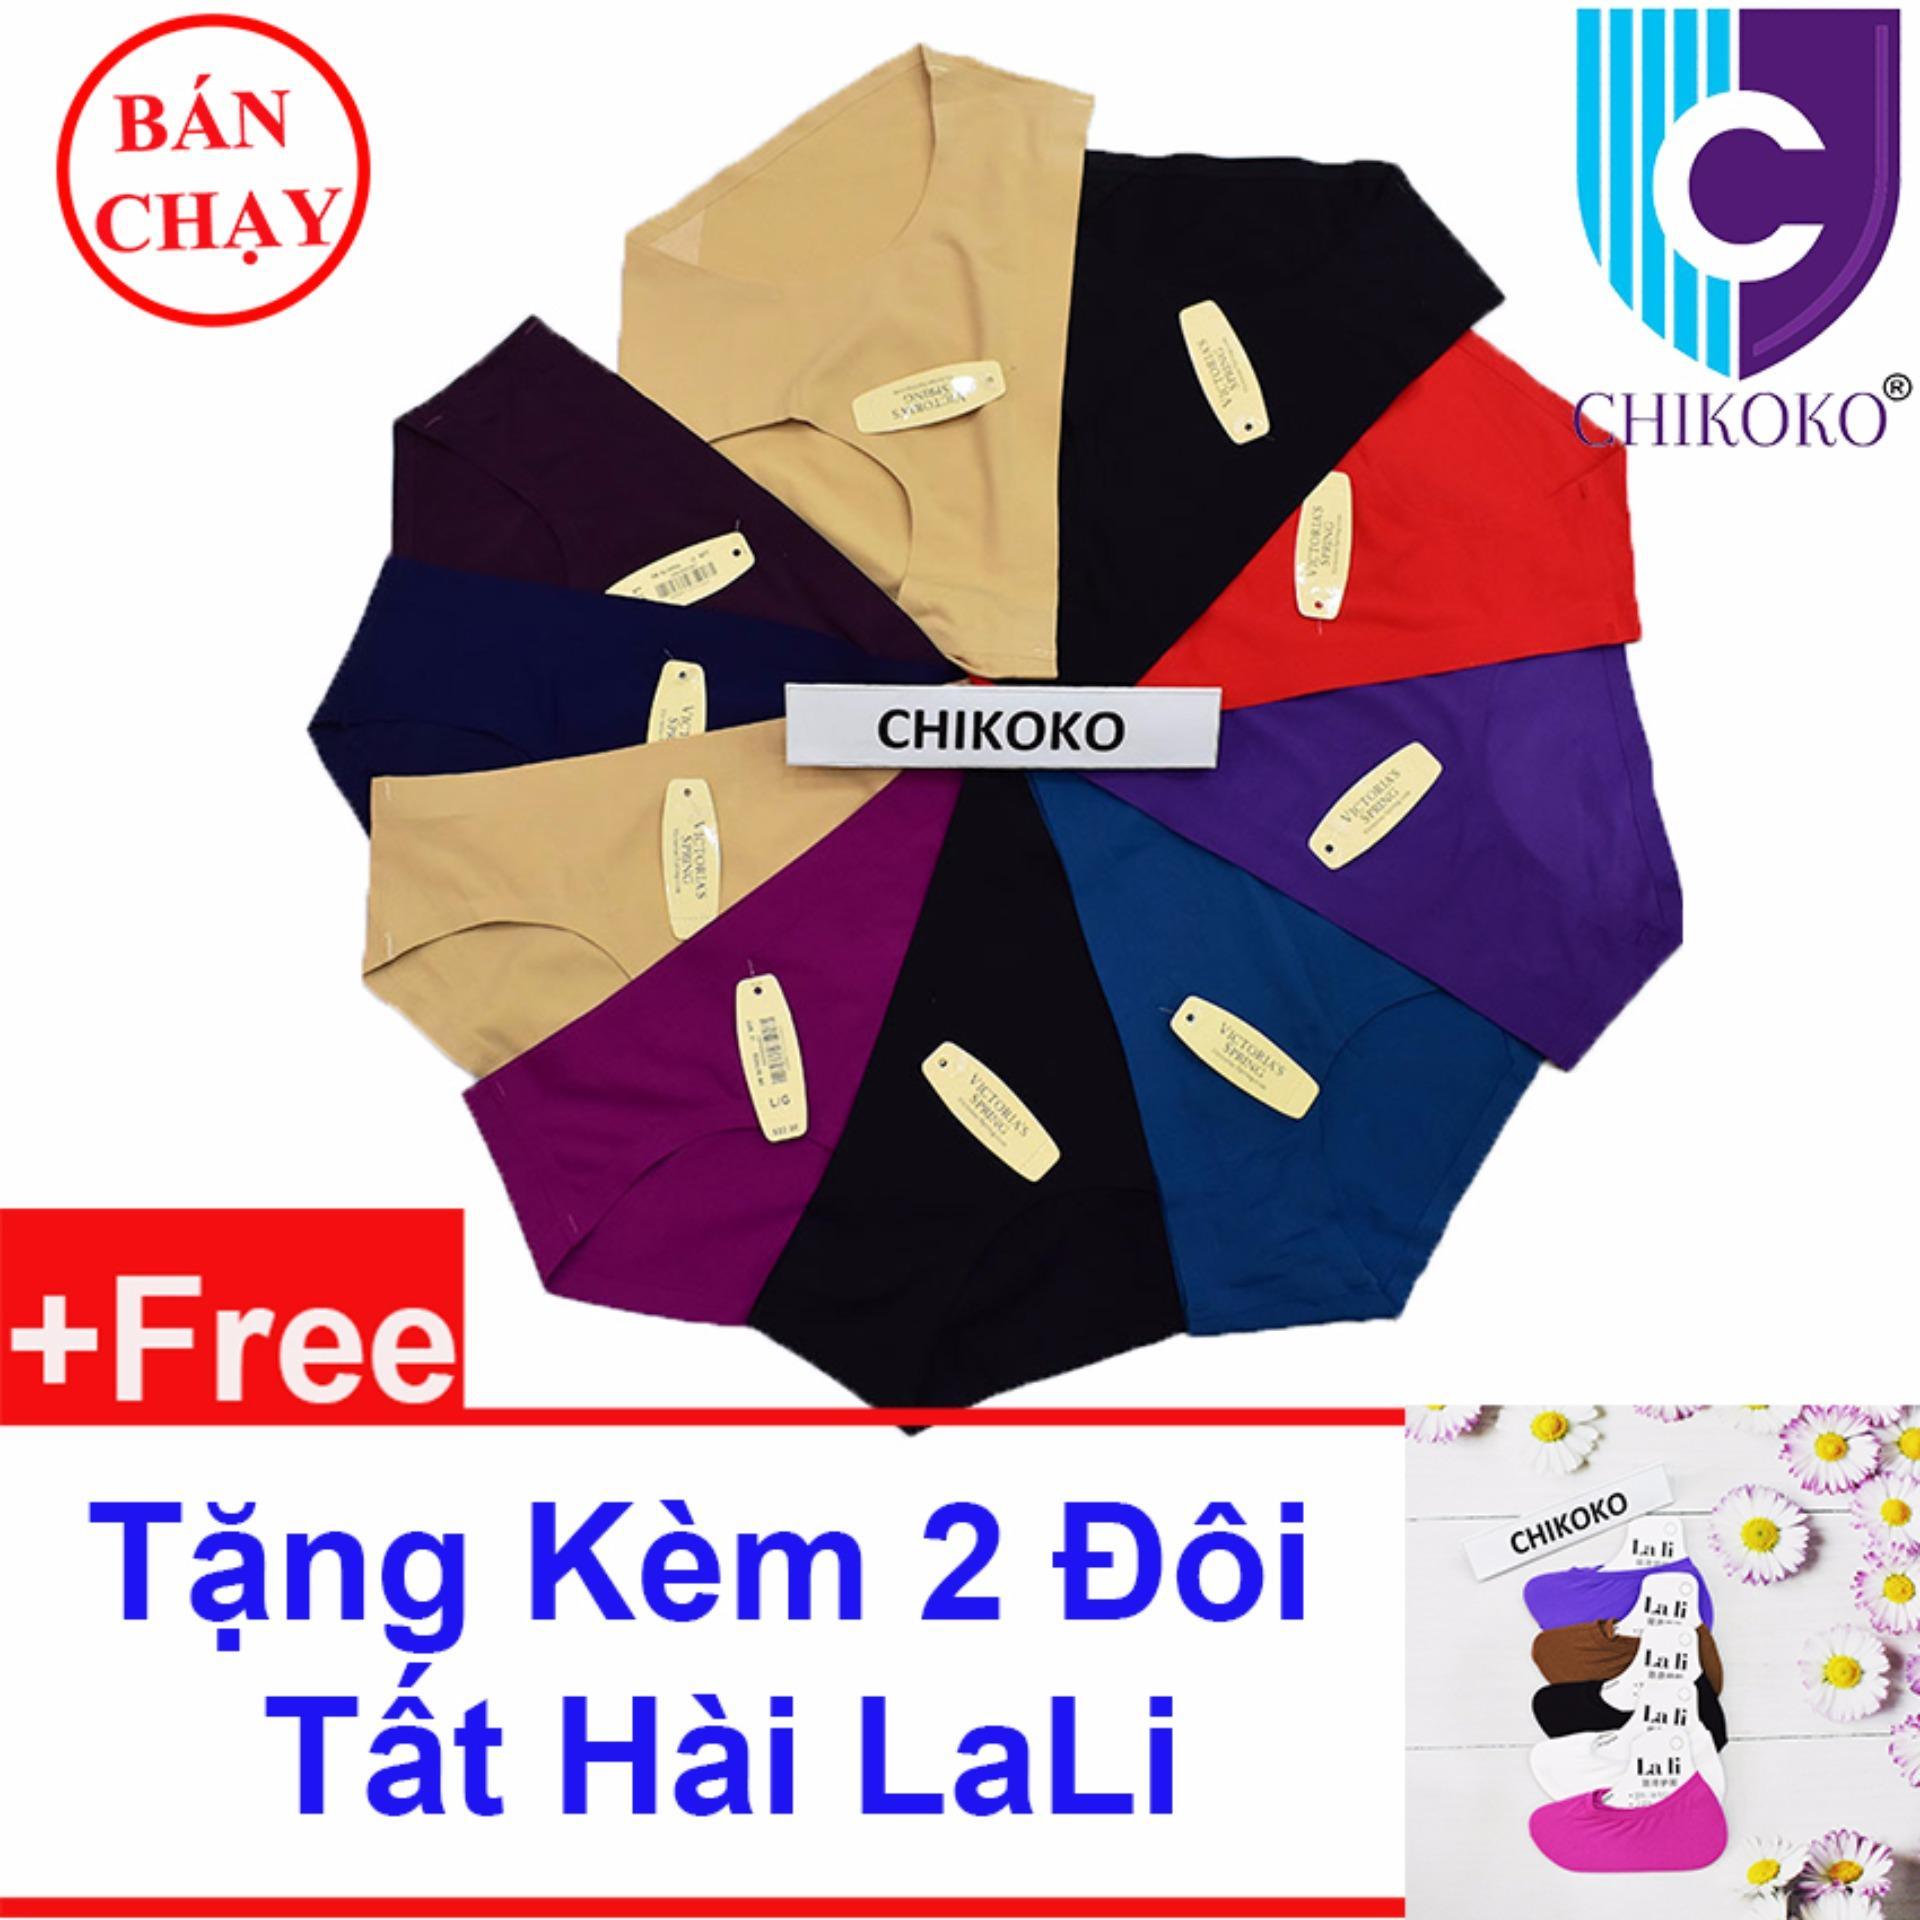 (Gift)Bộ 10 quần lót đúc ép lạnh có size cho người béo CHIKOKO +Tặng 2 Tất hài Lali